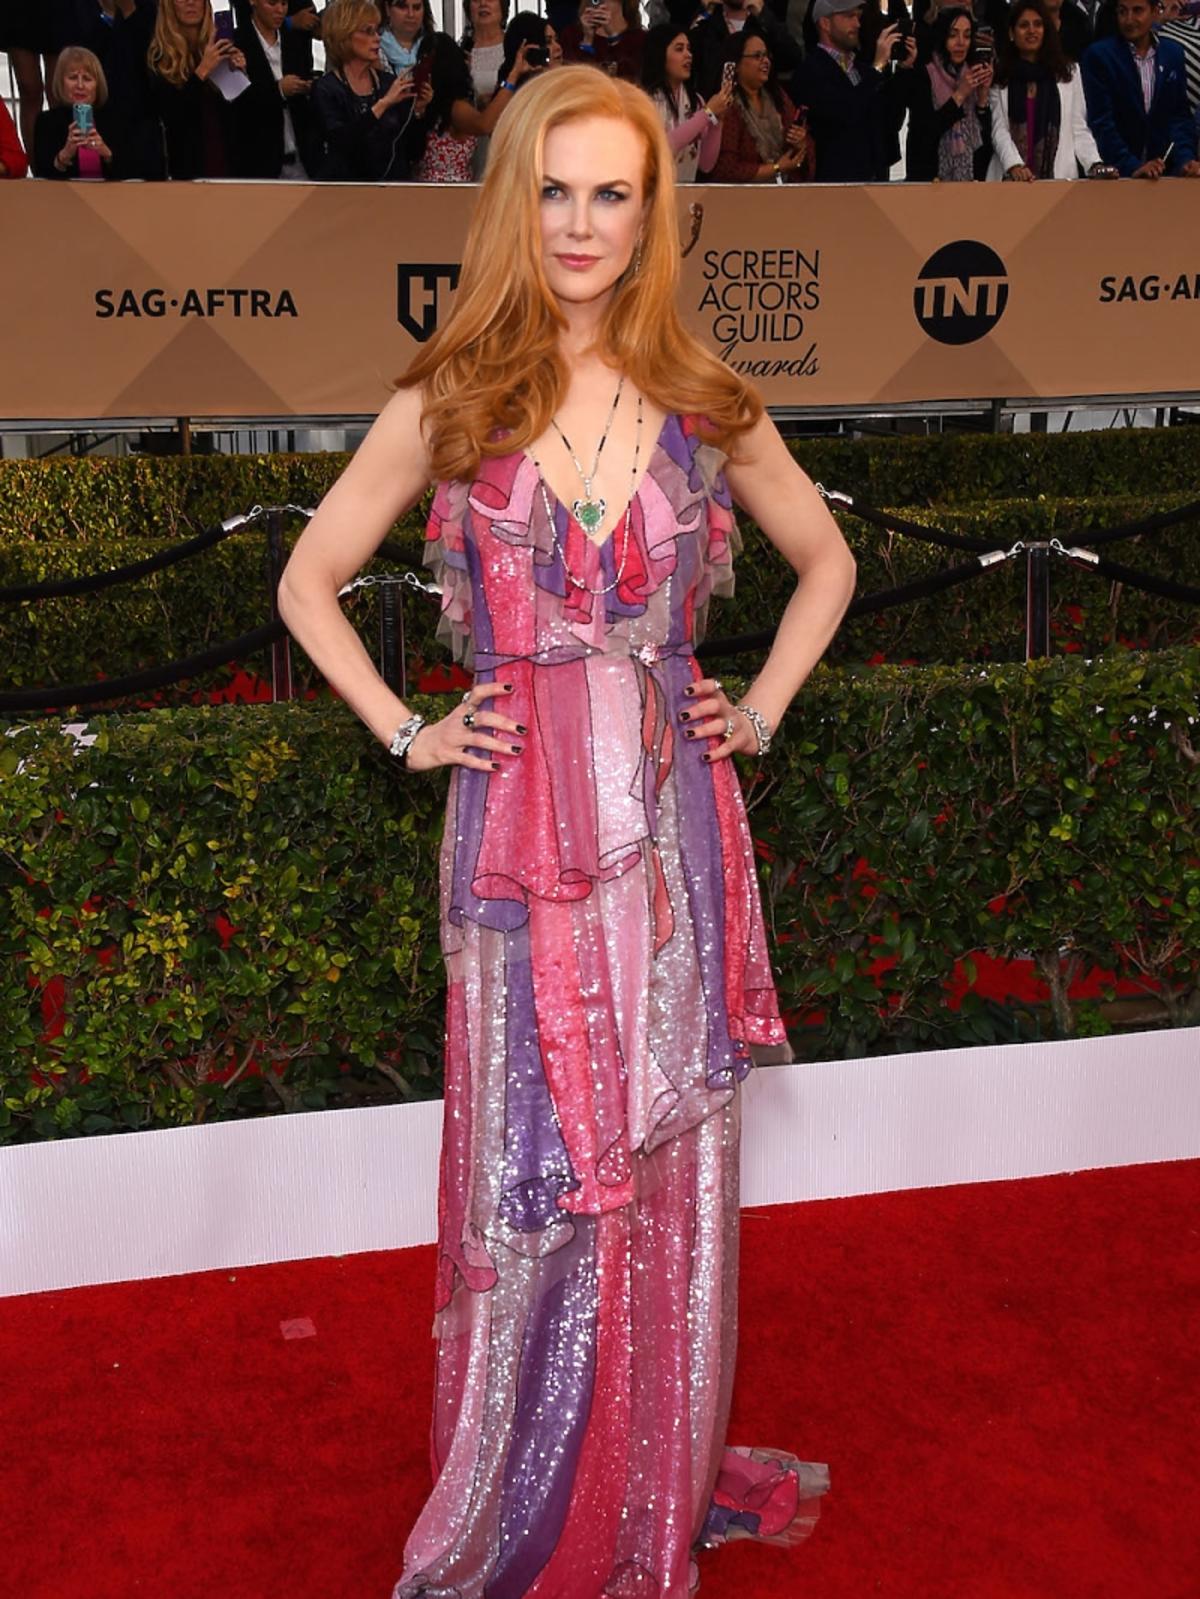 Nicole Kidman w błyszczącej kolorowej sukni do ziemi na czerwonym dywanie